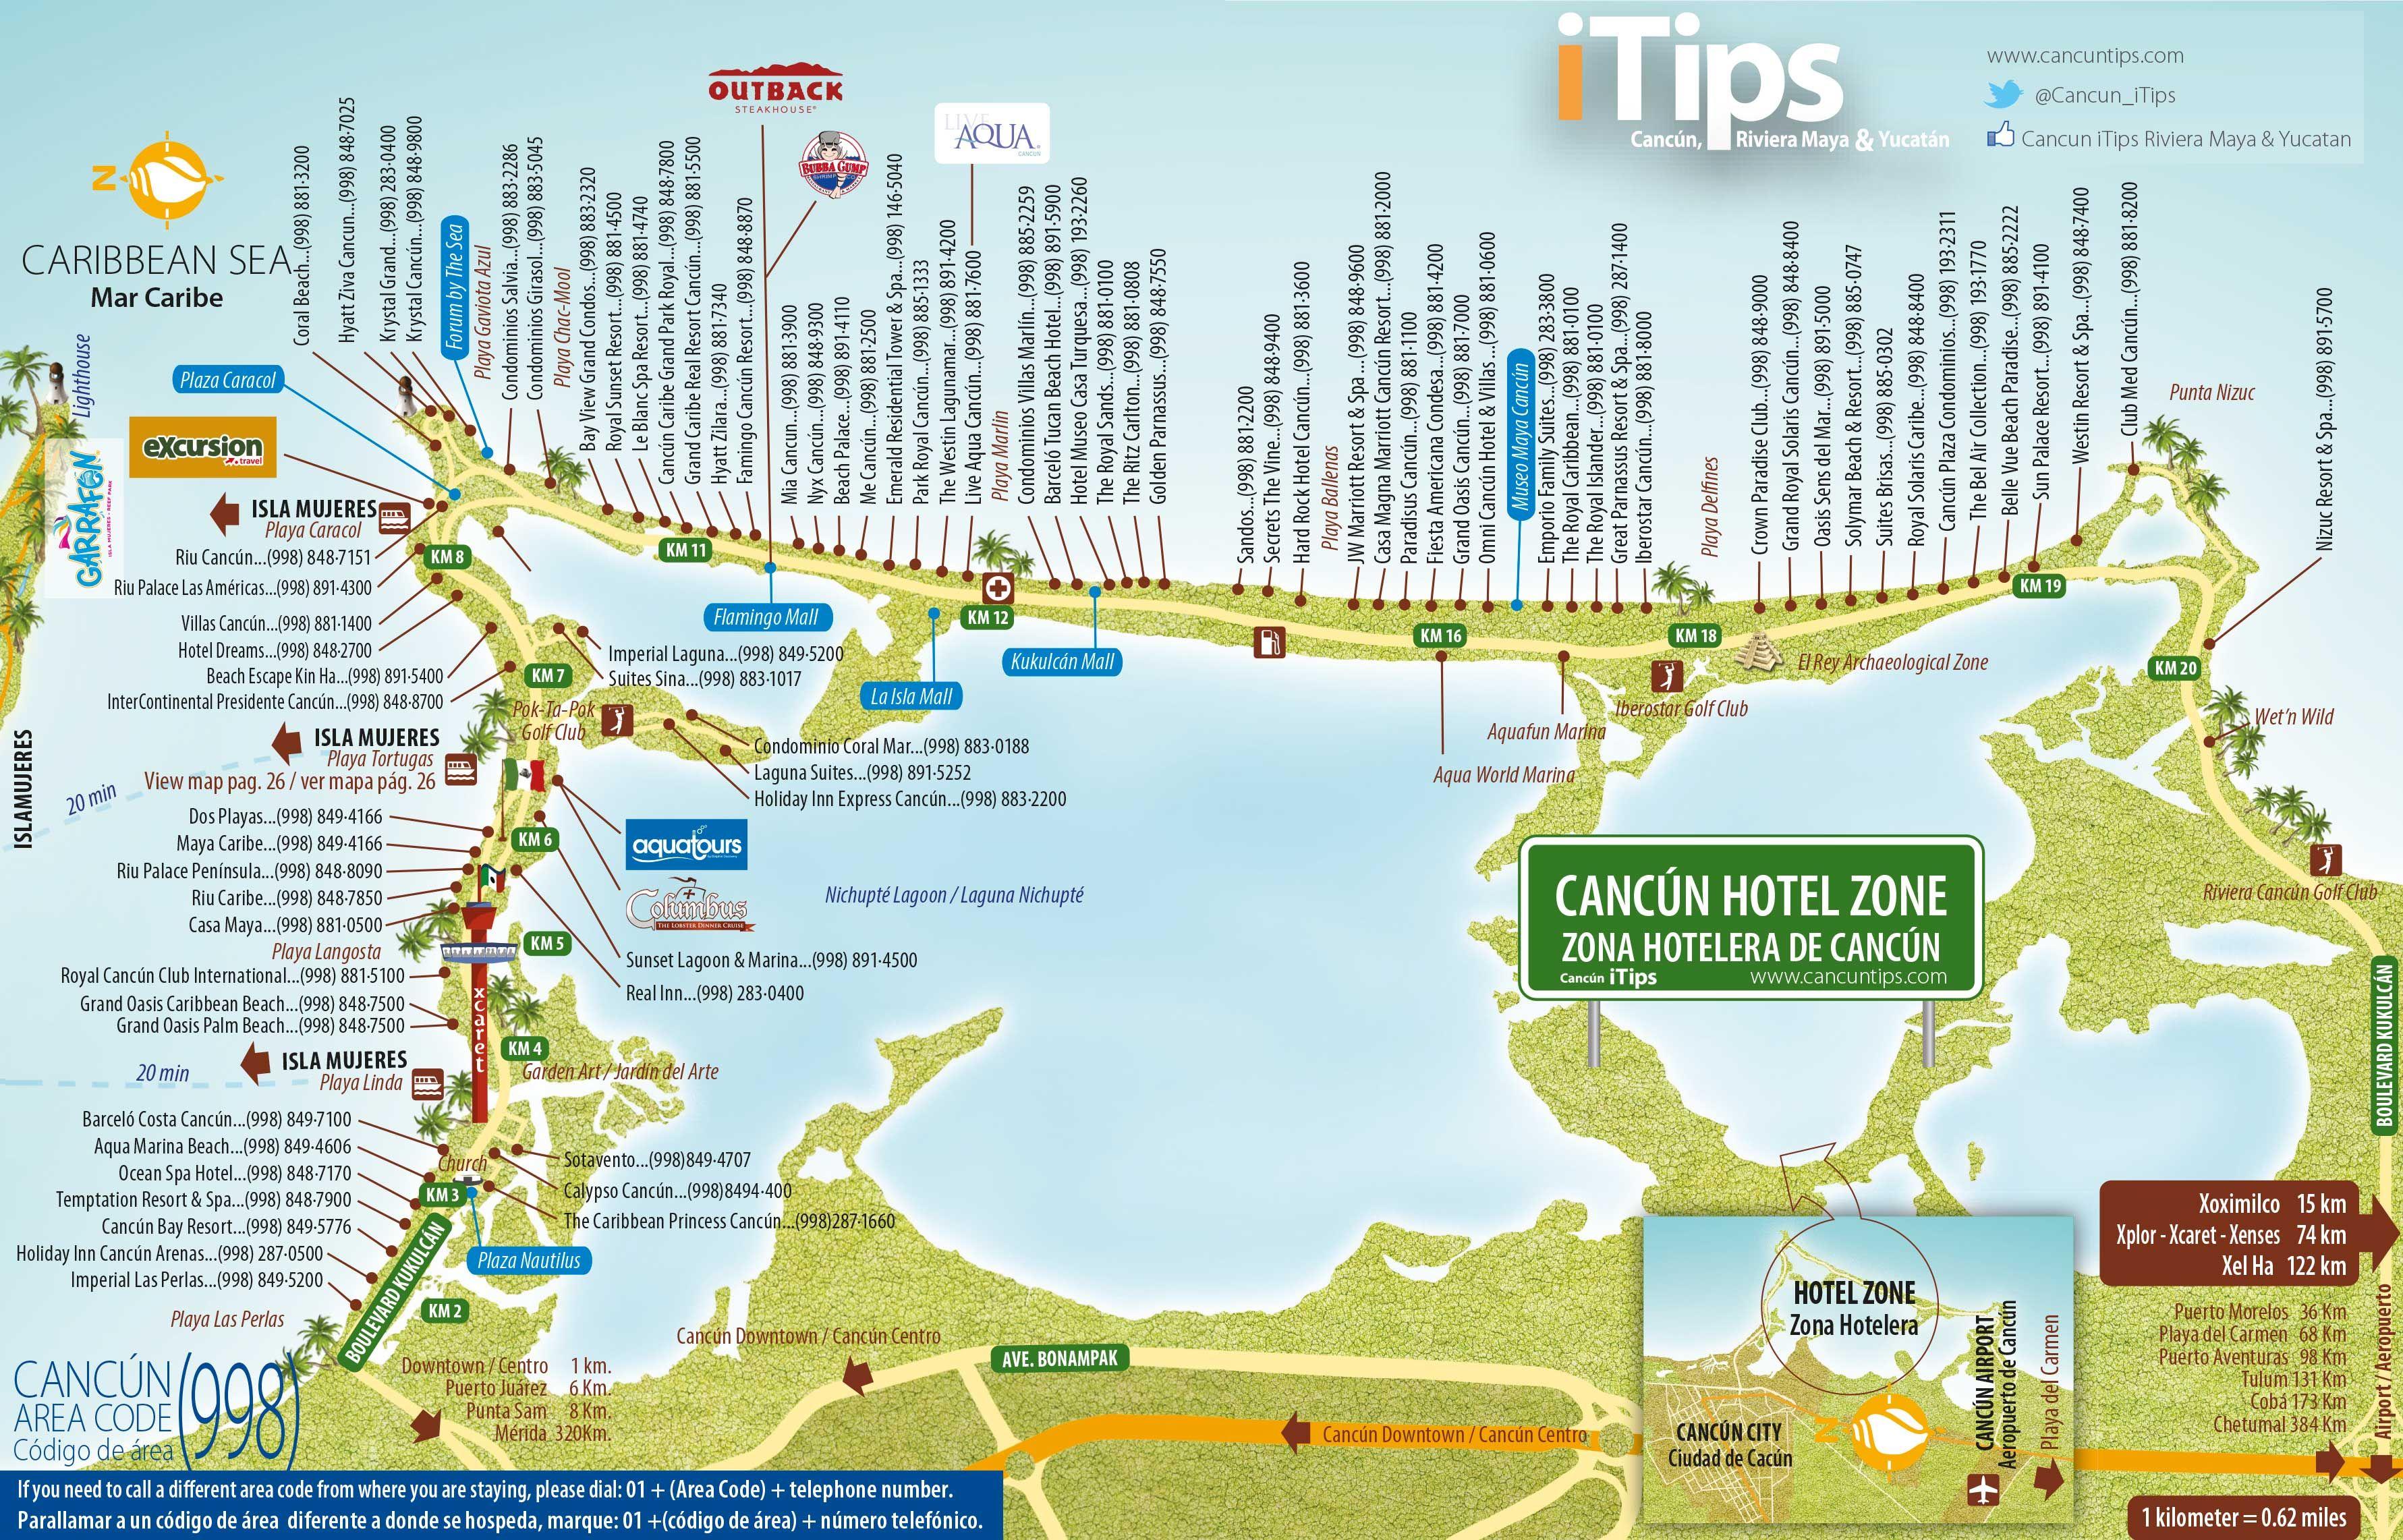 Hotel Zone Map Cancun Tips In 2021 Cancun Resorts Cancun Map Cancun Hotel Zone